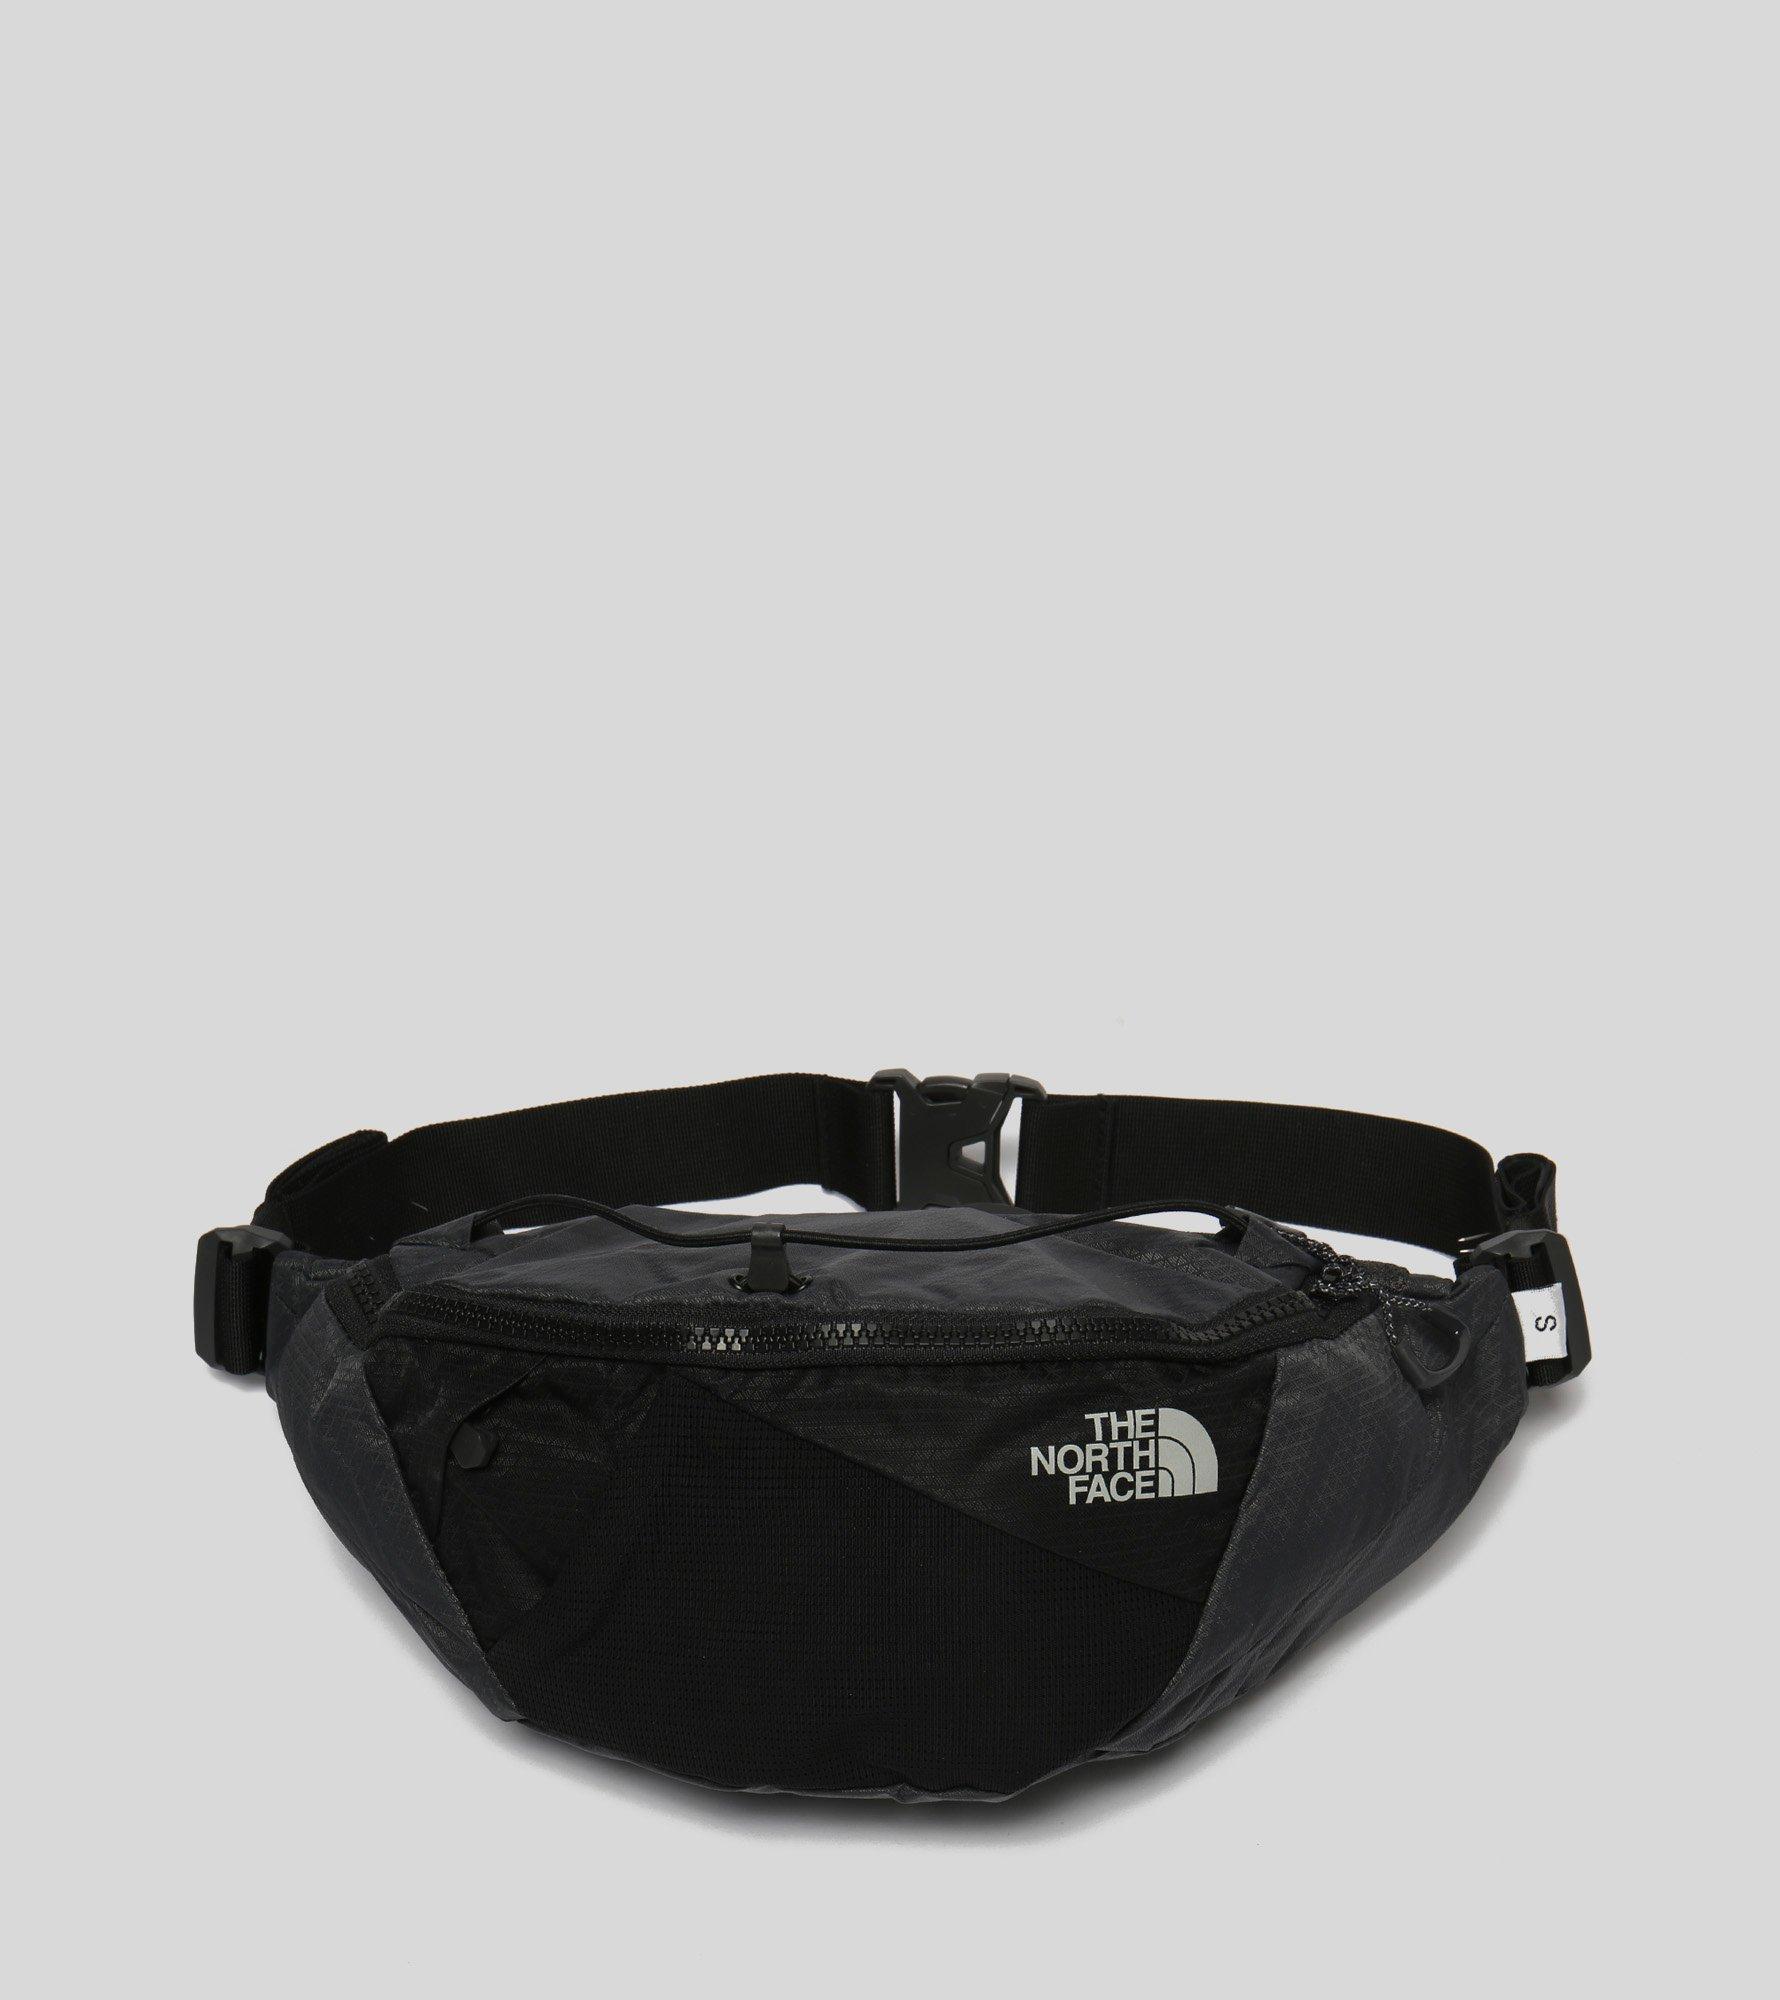 d9953818c The North Face Black Lumbnical Lumbar Waist Bag for men